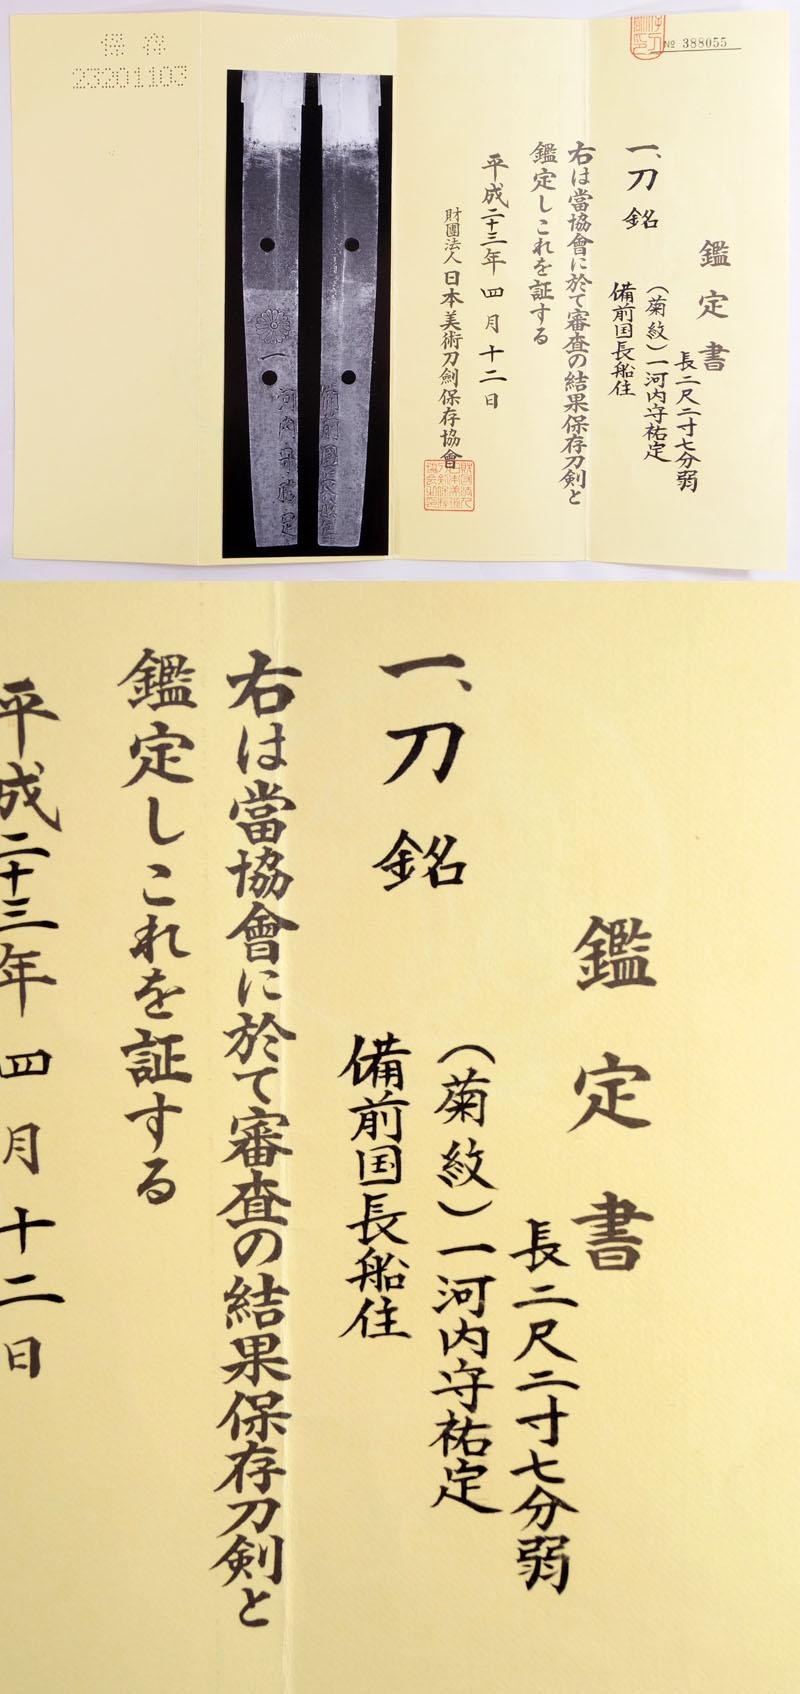 一河内守祐定 Picture of Certificate